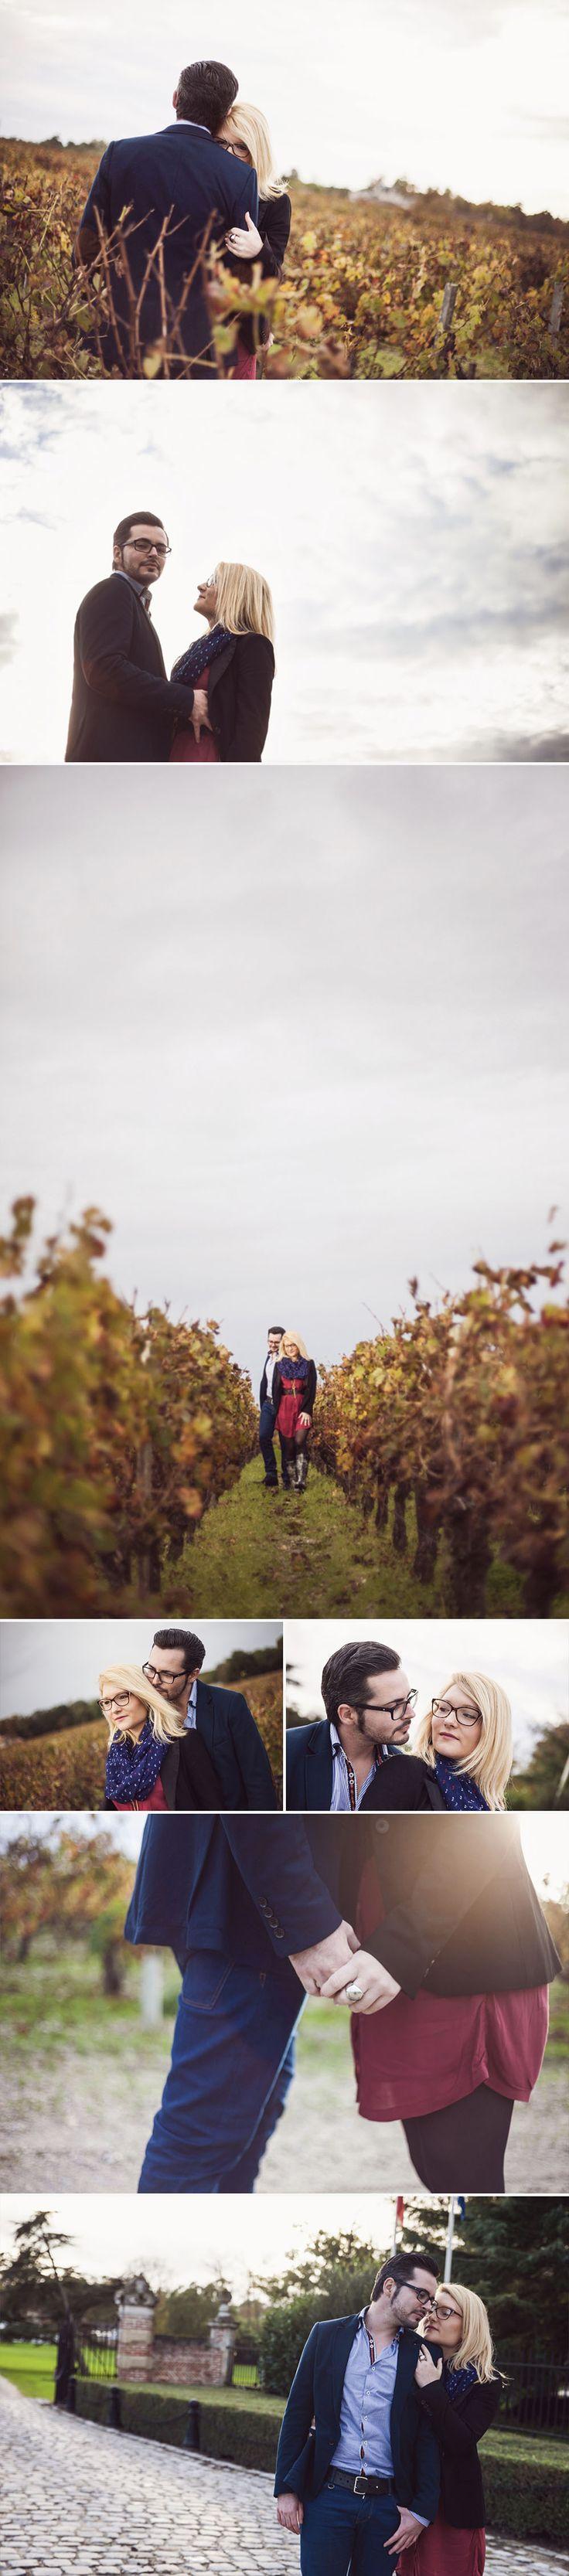 Emilie & Wilfried // Séance photo couple automne // Sarah Miramon Photographe   #couple #LoveSession #vignes #lifesyle #photo #photographe #bordeaux